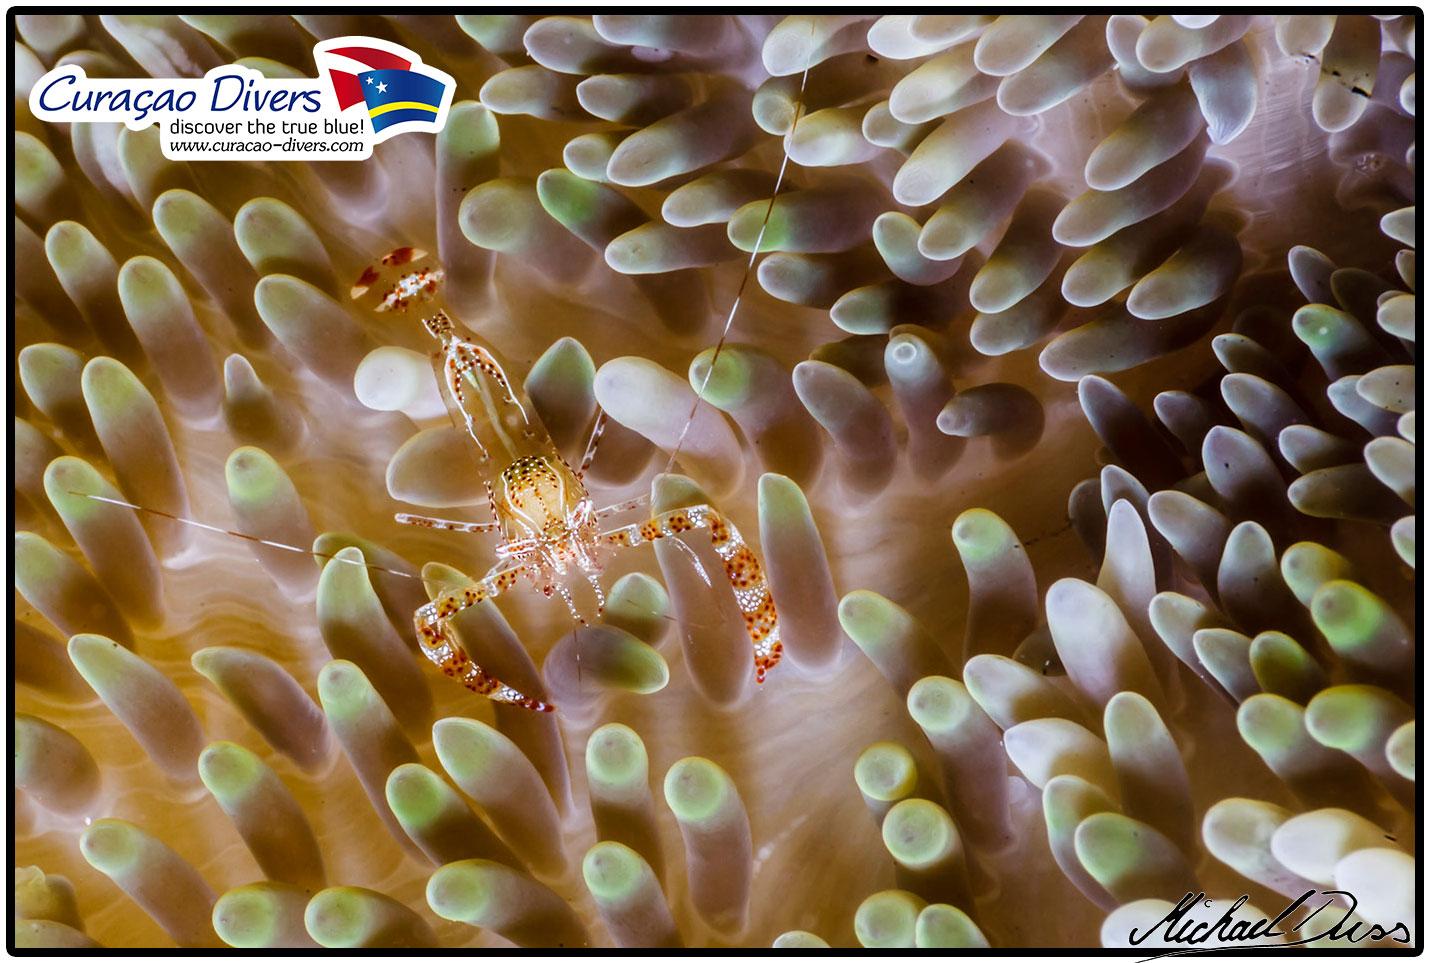 Eine Glasgarnele beim Tauchen in Curacao an dem Tauchplatz Sun Reef